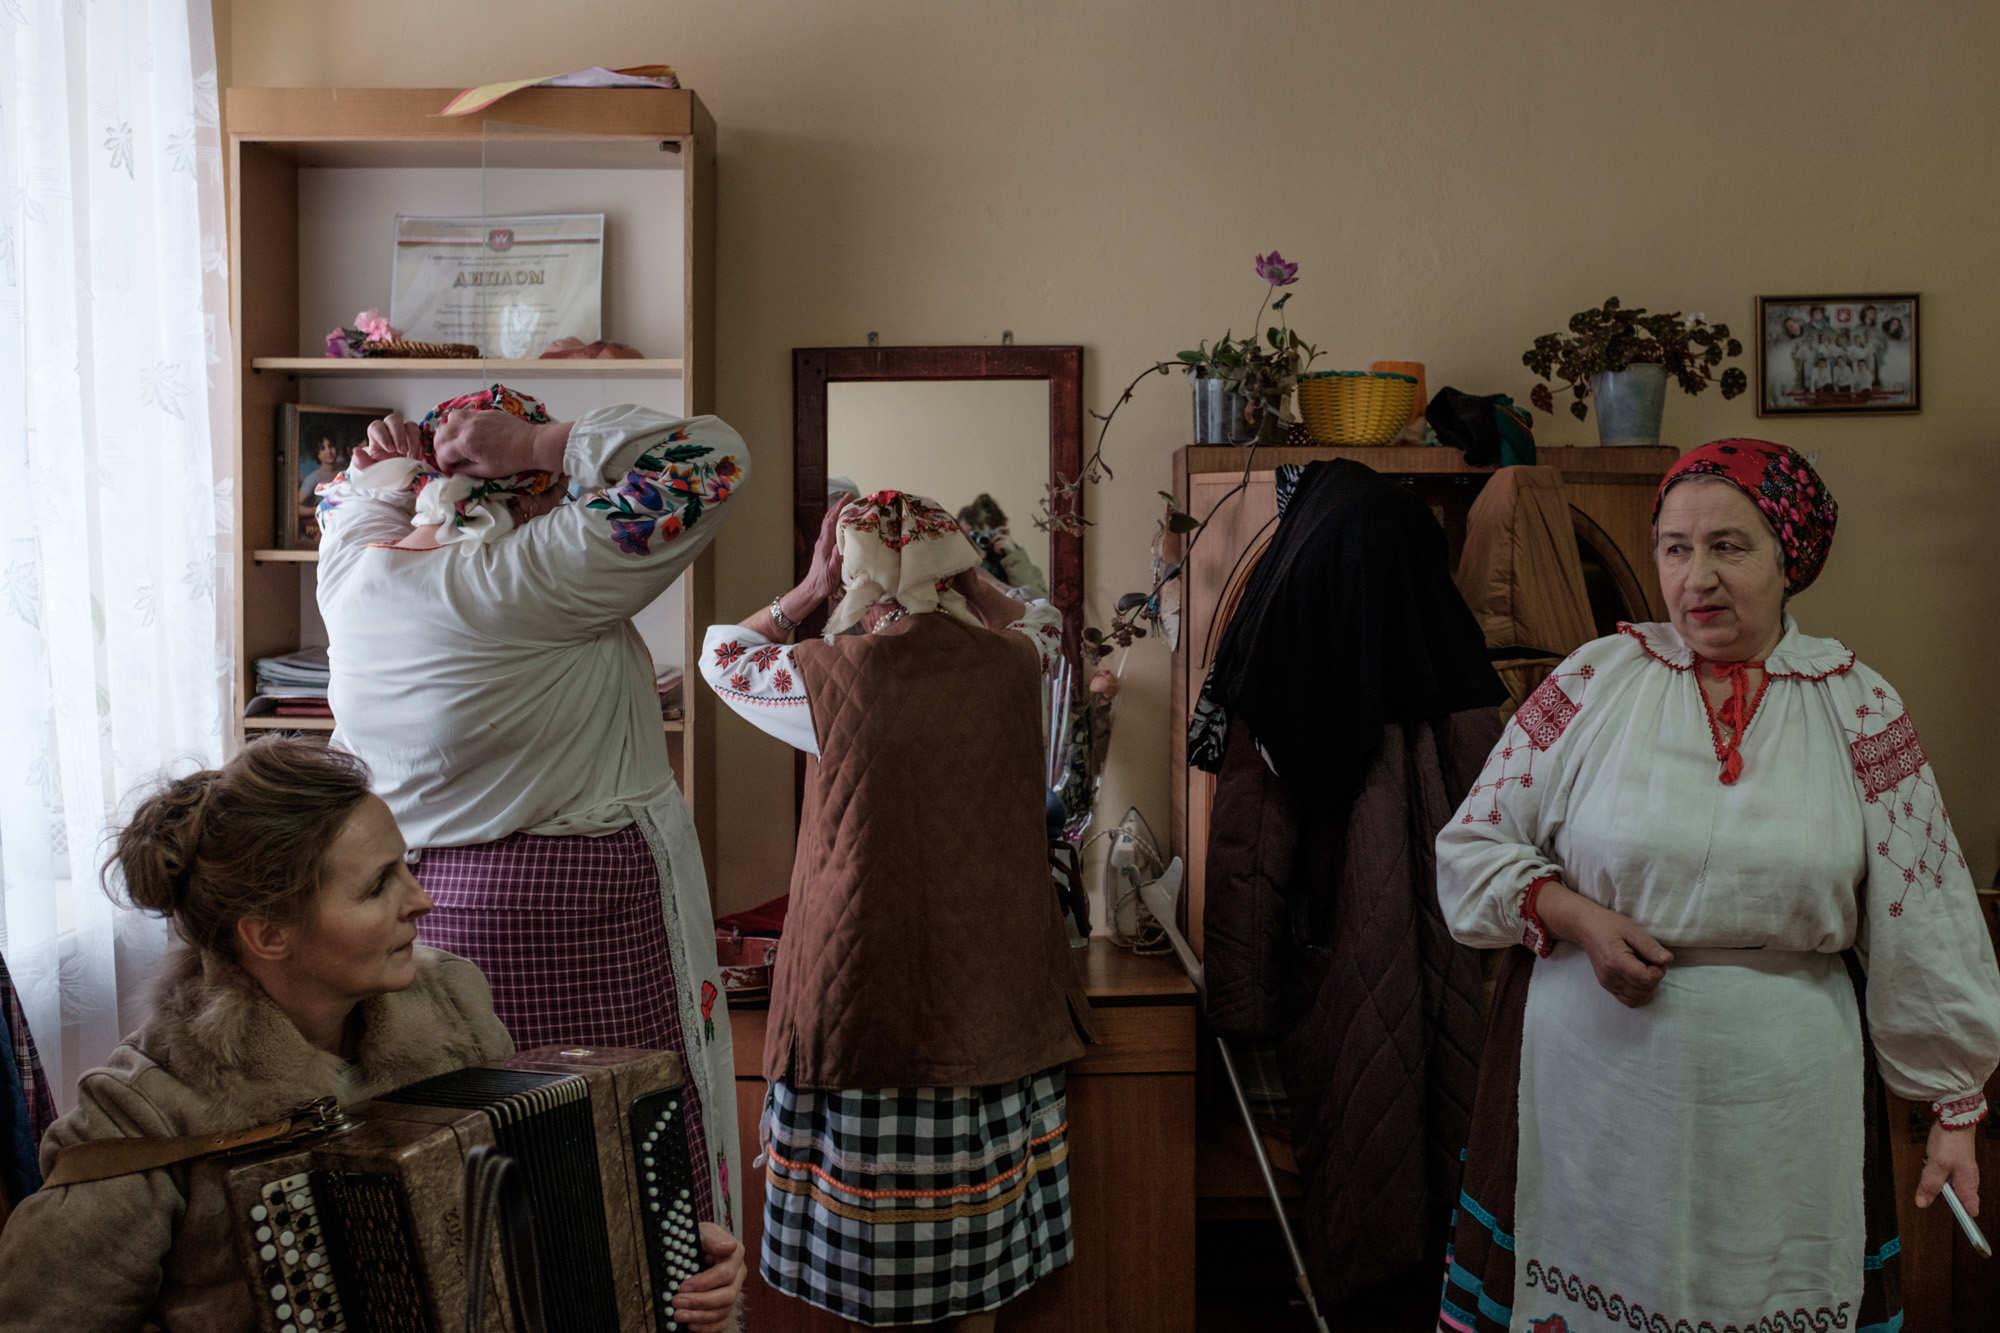 Обычный сельский клуб вырос до таких масштабов благодаря директору Вере Самусевой. На фото она слева с бояном. В 1995 году, когда ей было 26, она стала директором клуба и за 17 лет превратила его в место, куда светиловчане идут и за социализацией, и за досугом. Сейчас Вера в основном отошла от административных дел, но продолжает репетировать.